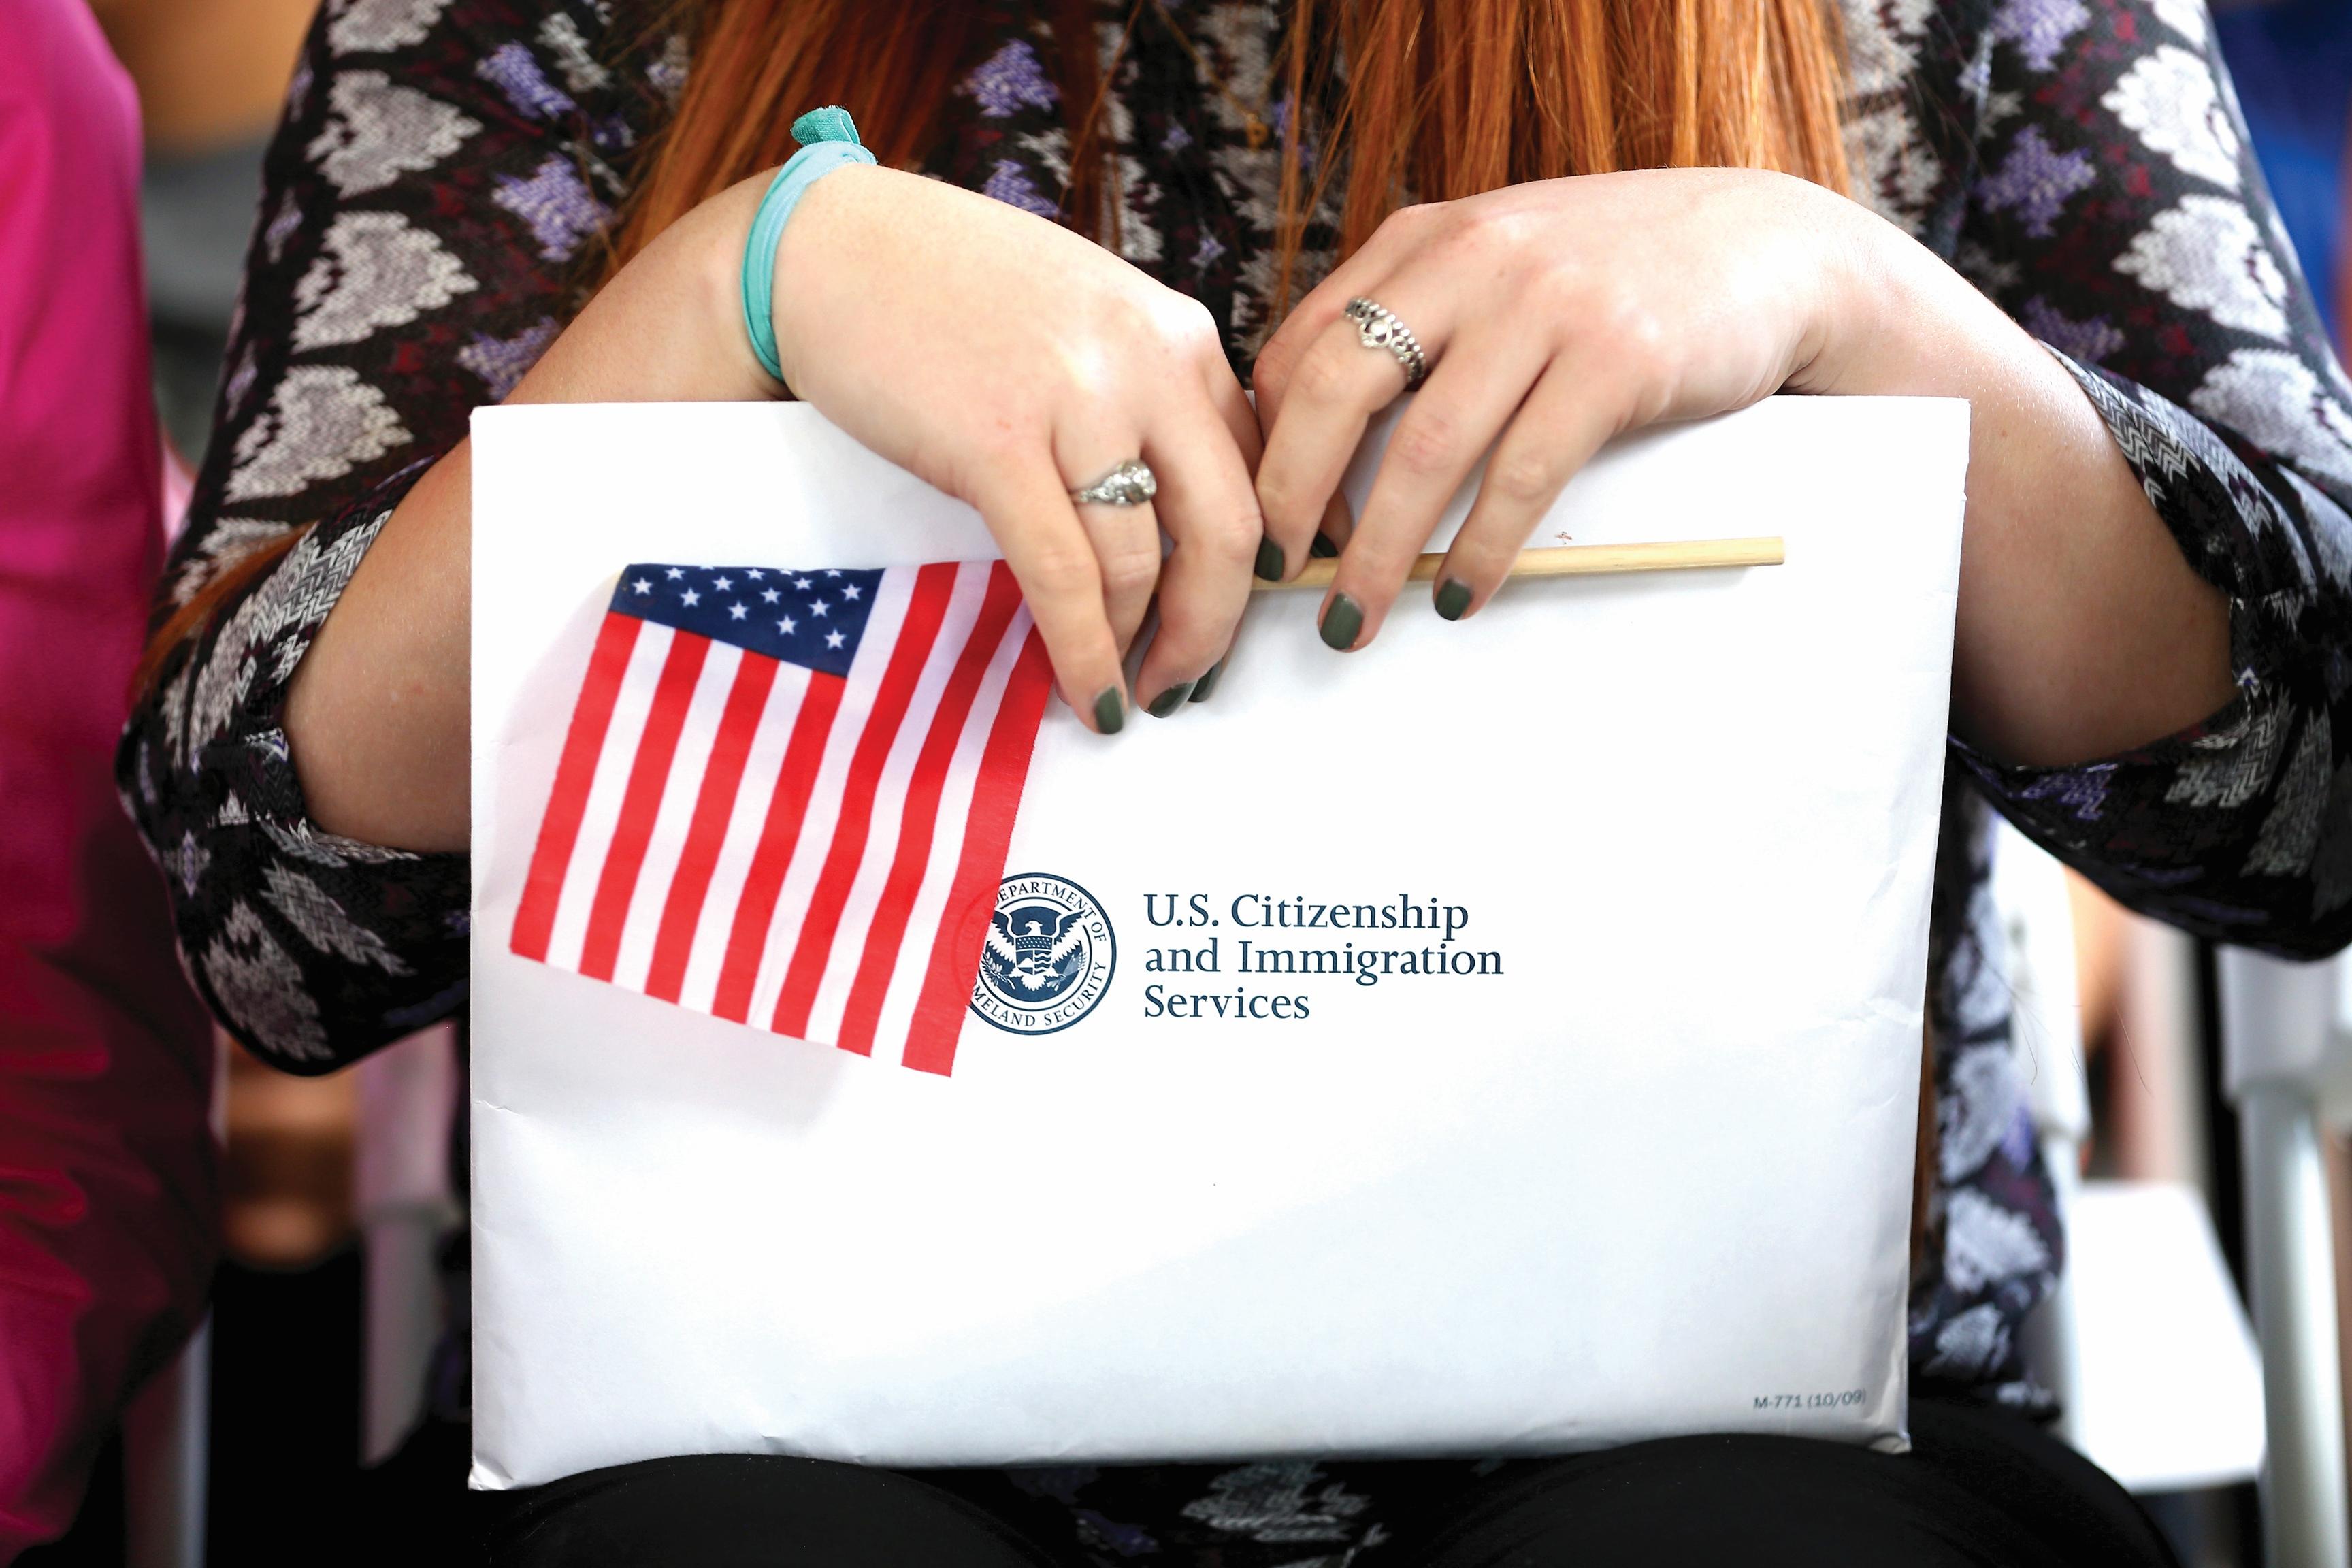 veinte organizaciones realizarán talleres, clínicas y foros para asistir en el proceso de naturalización. /Archivo